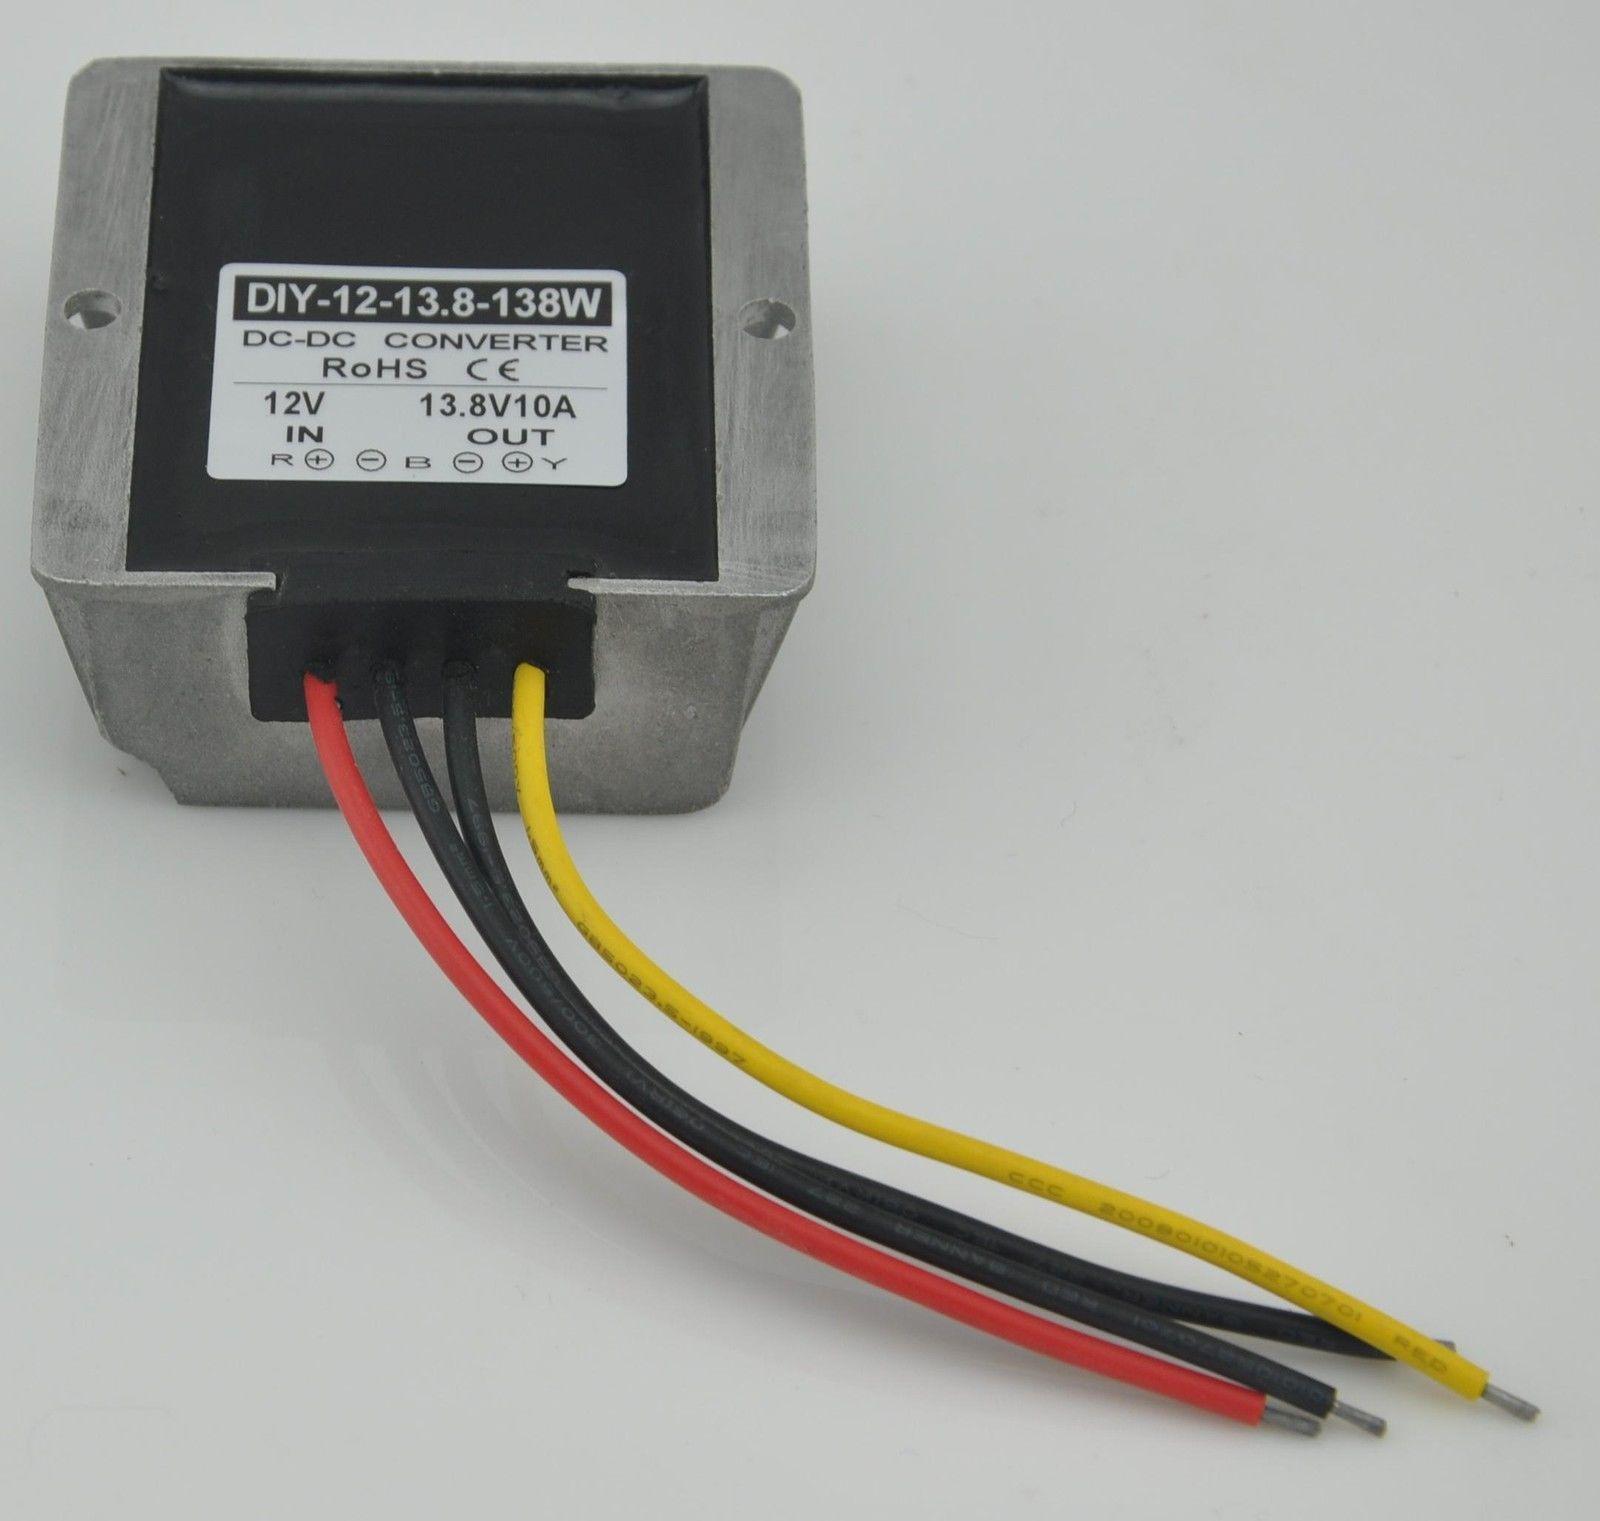 Dc Step Up Converter 12v9v 13v To 138v 10a 138w Waterproof For 5mm Power Solder Plug End Connection Cctv Cable